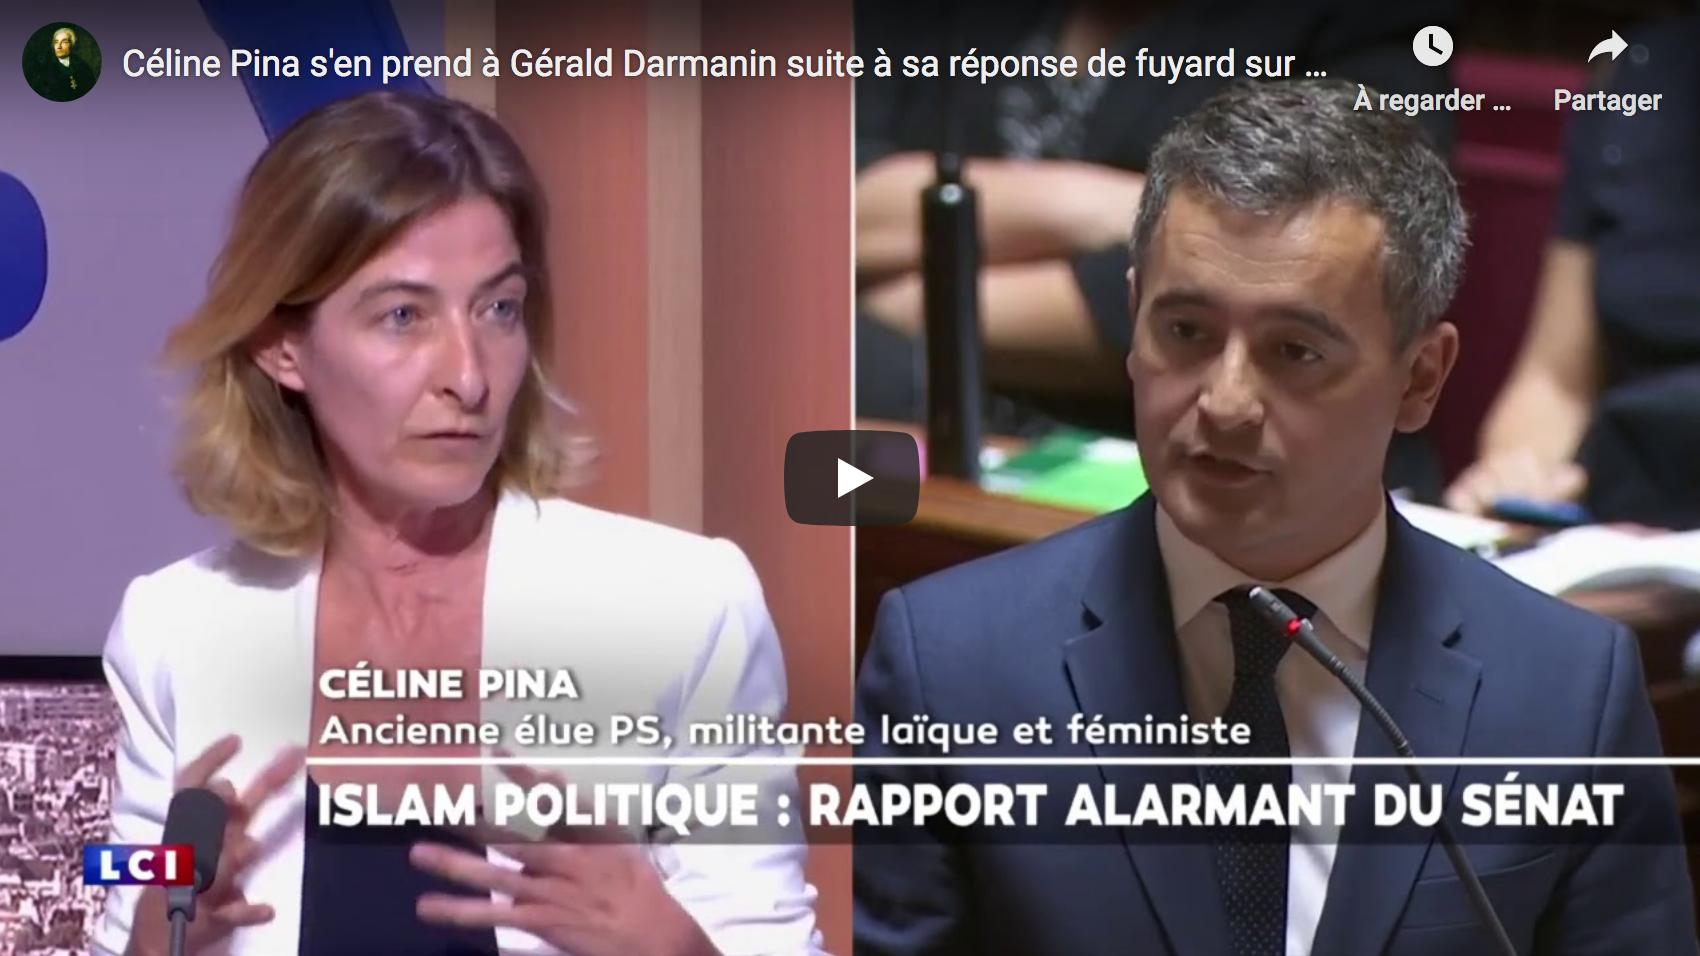 Céline Pina s'en prend à Gérald Darmanin suite à sa réponse de fuyard sur l'islamisme (VIDÉO)